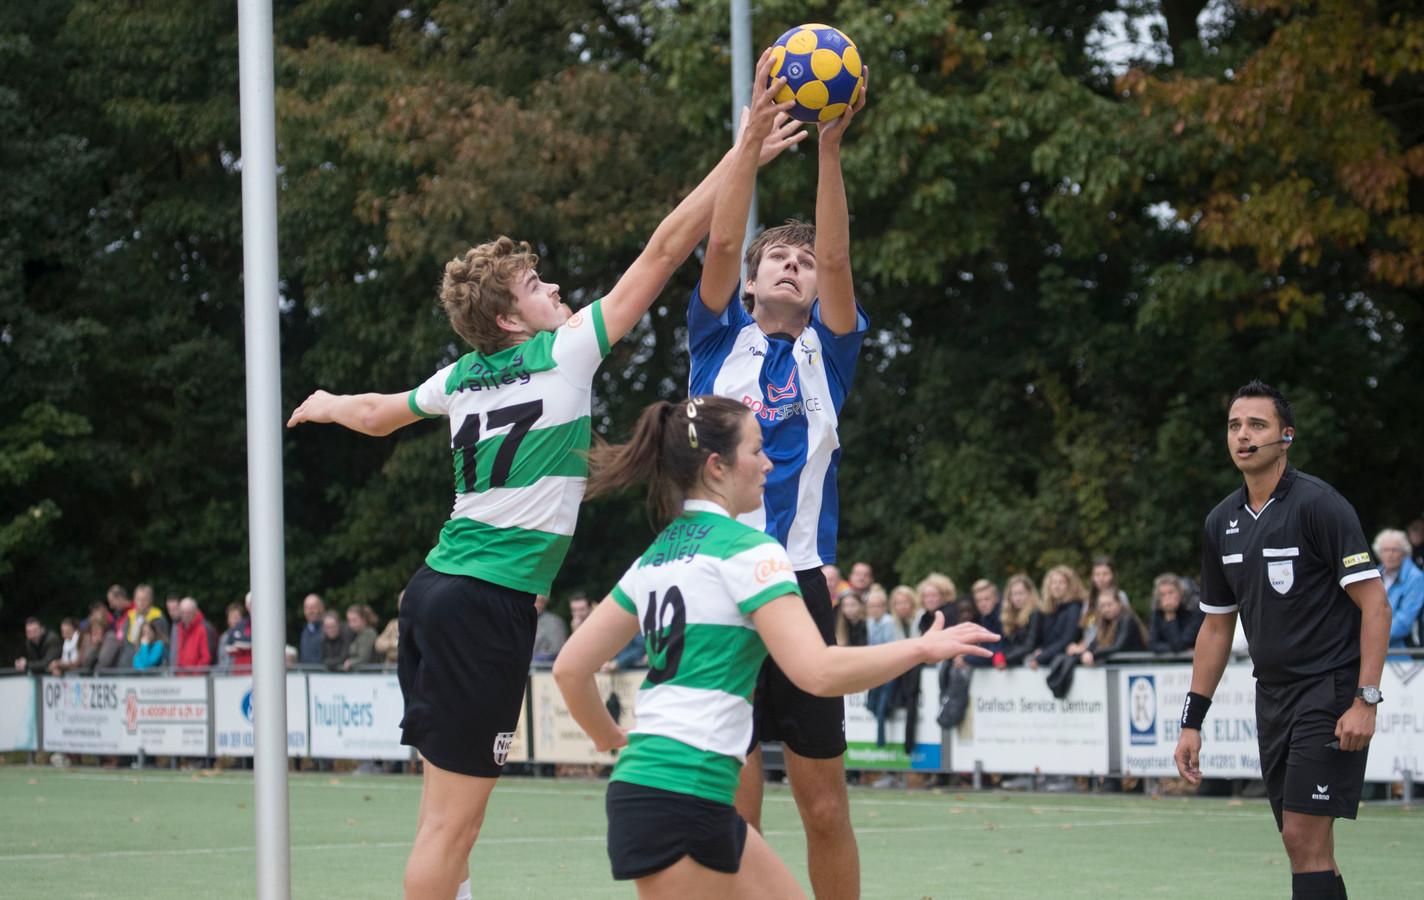 KV Wageningen start het nieuwe seizoen met een wedstrijd tegen OVVO.